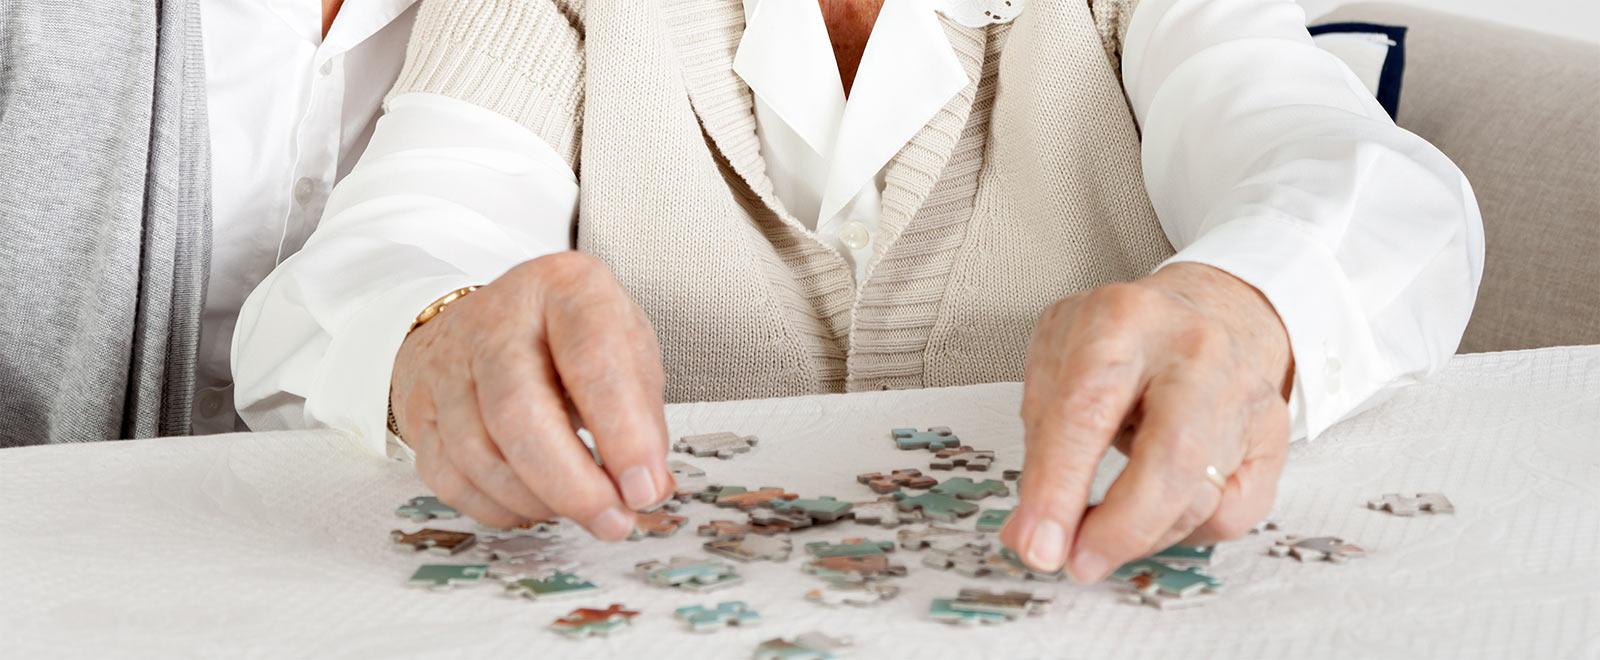 Demenzbetreuung: Aktivierung von Demenzkranken durch Puzzles